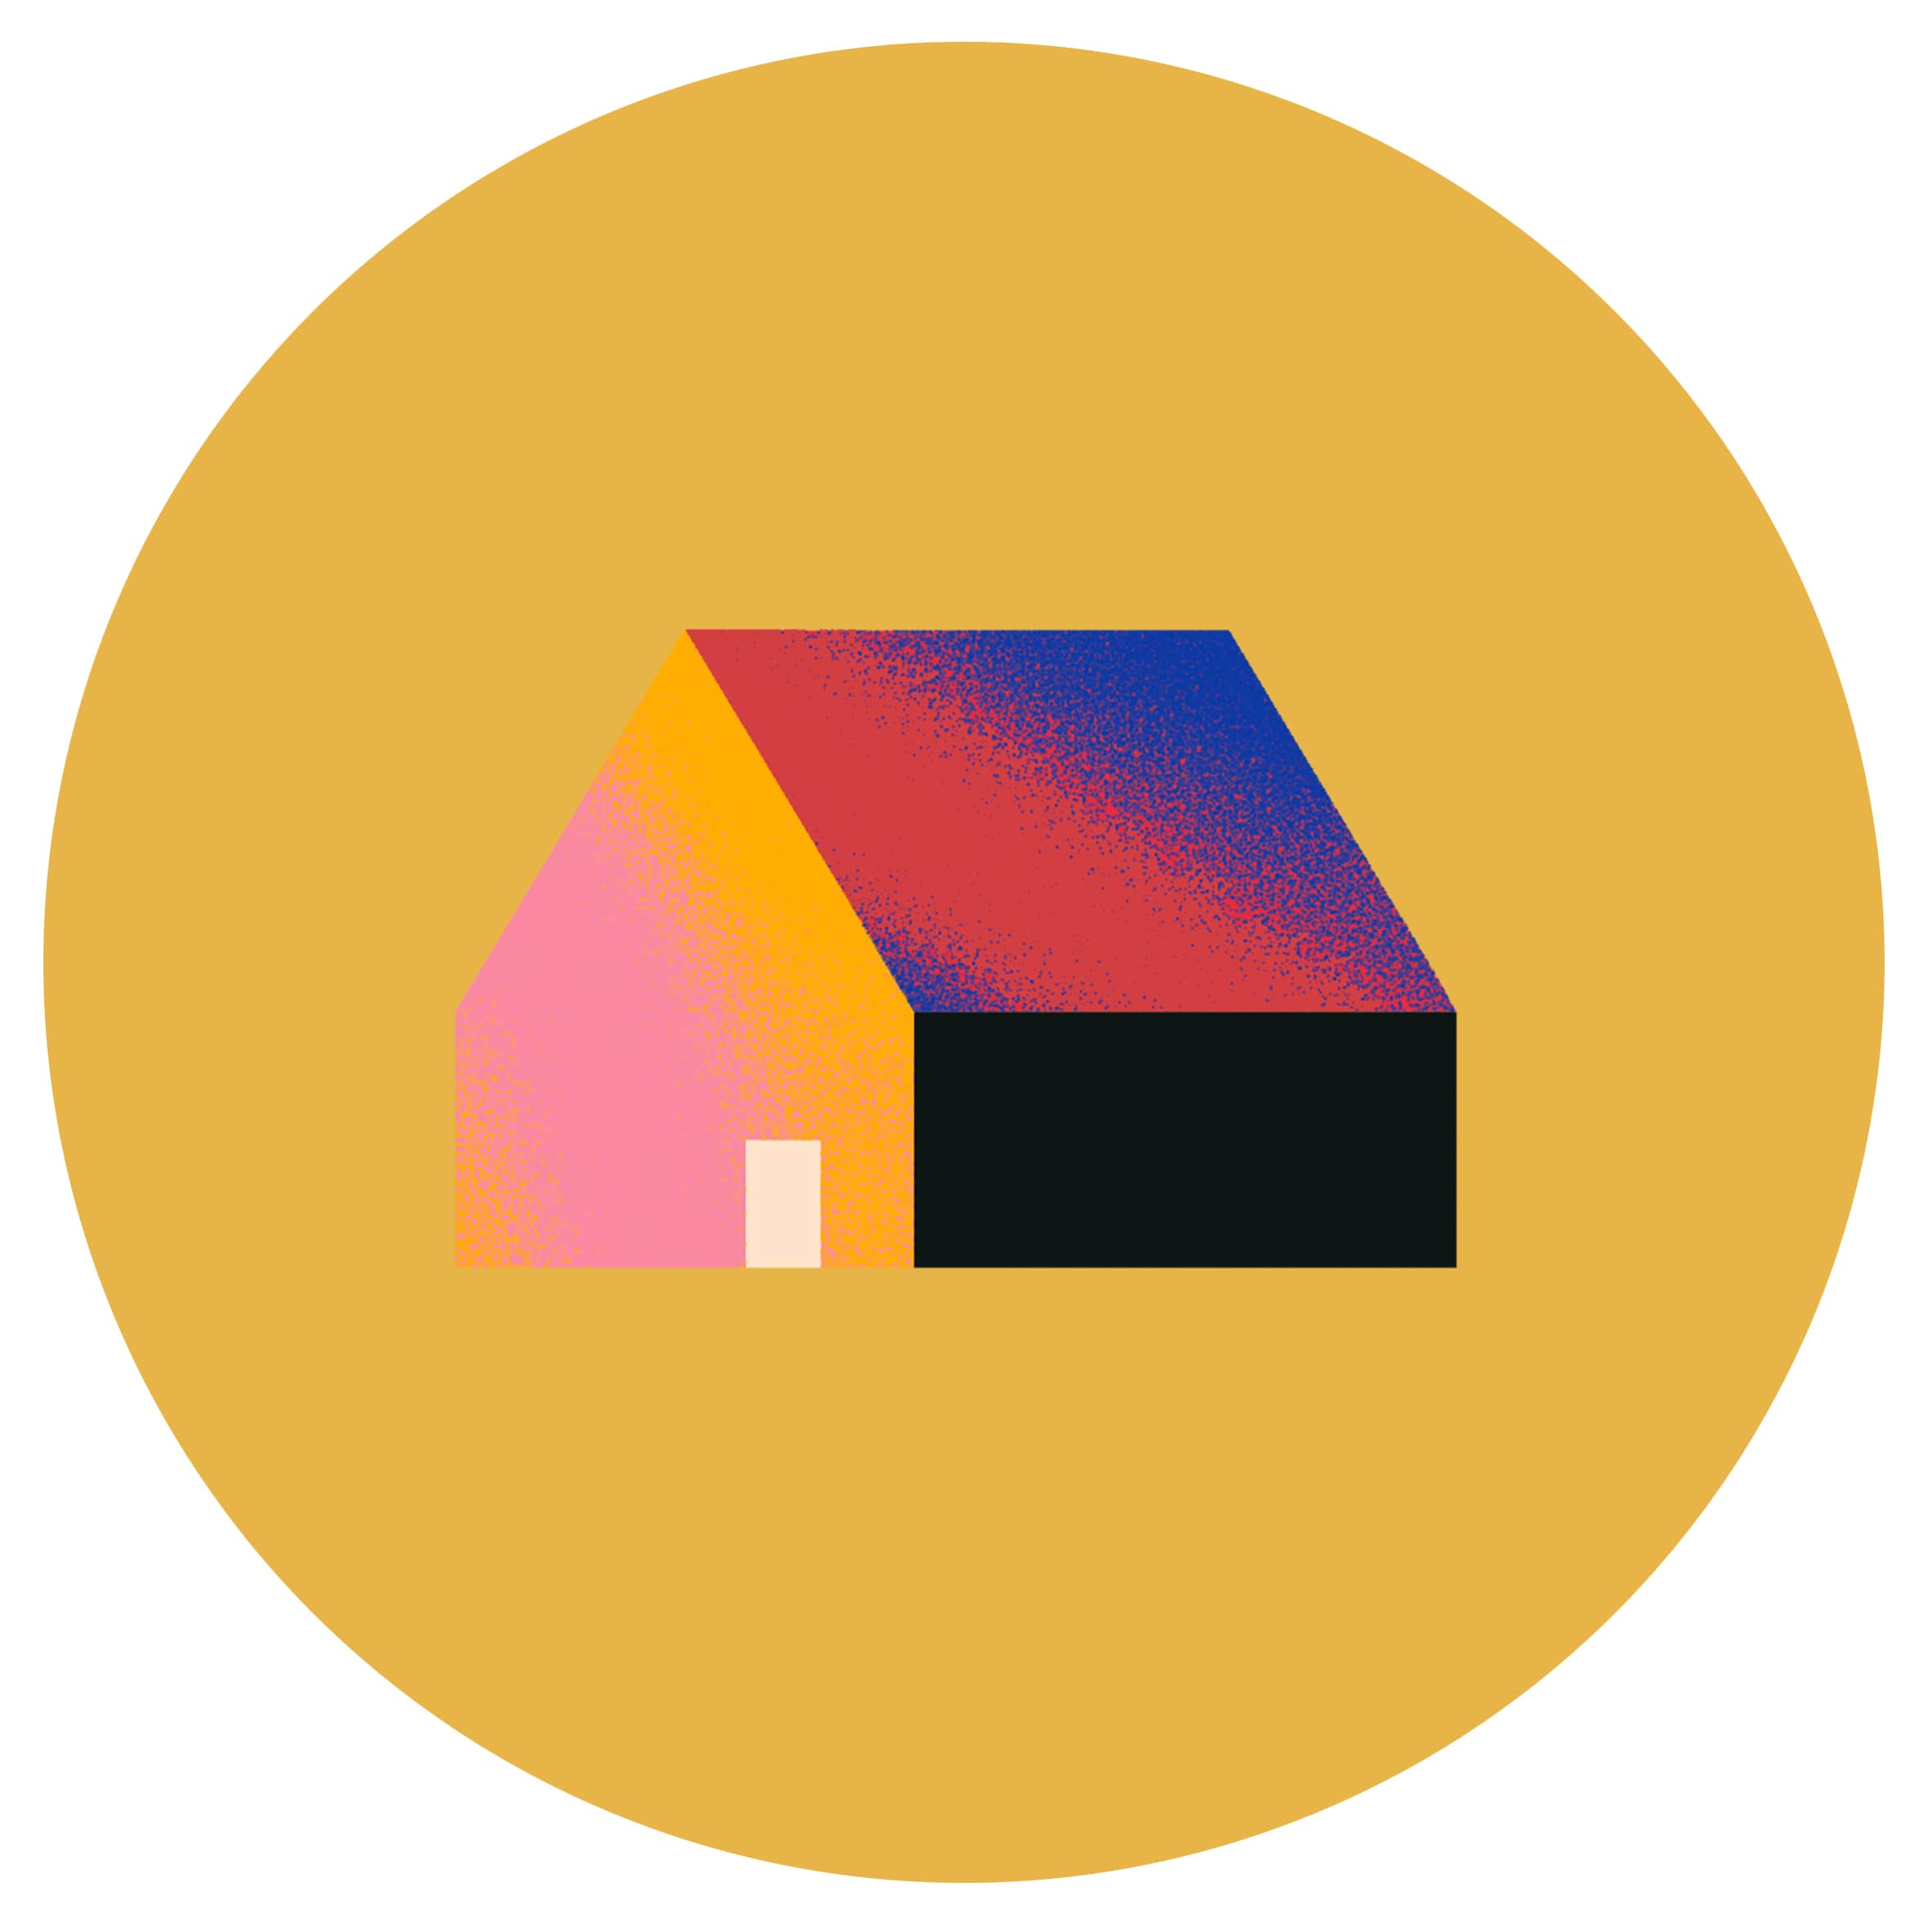 logo cyklu ludowa historia literatury – mały format